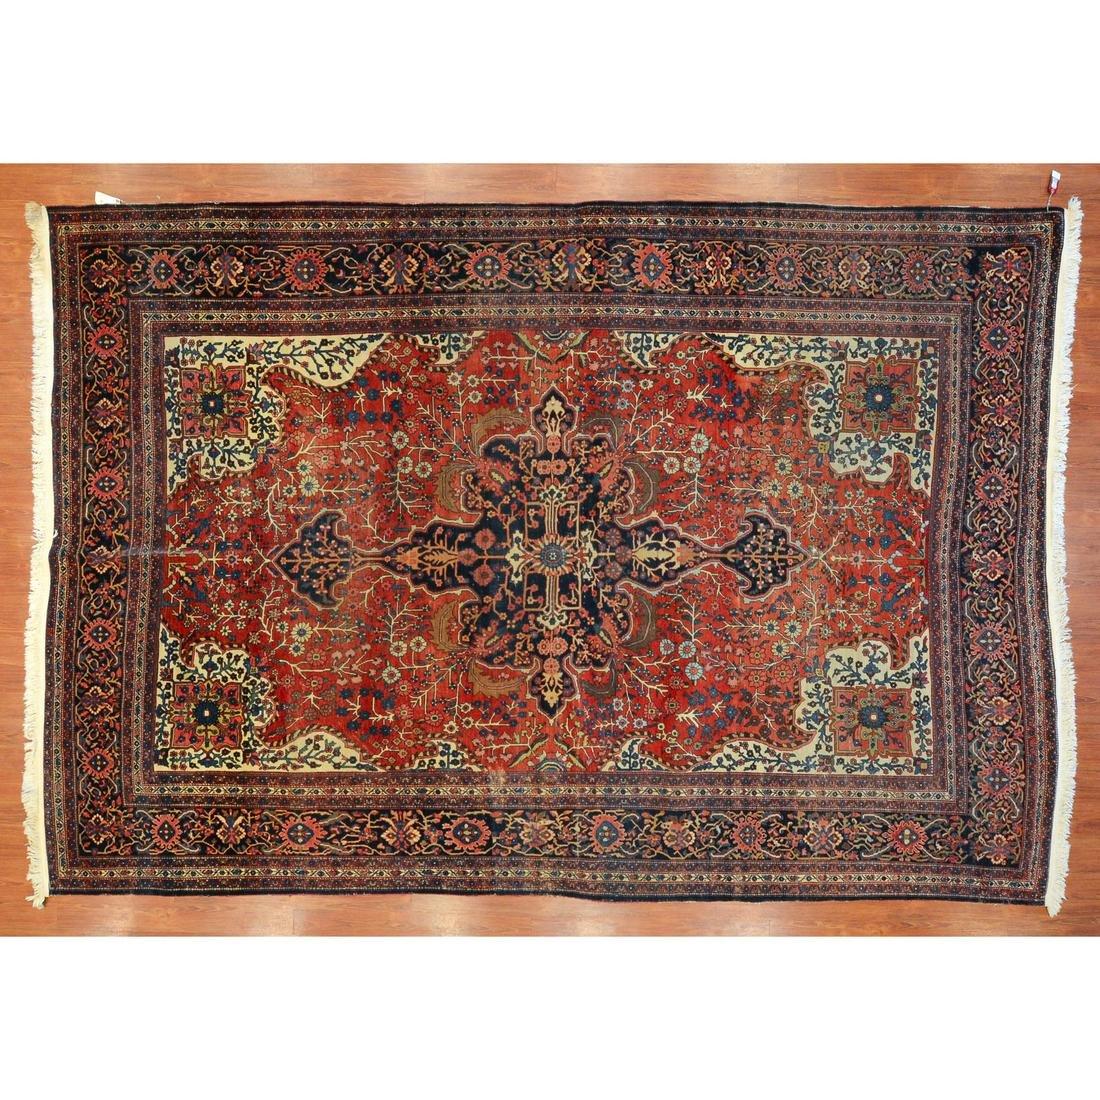 Antique Fereghan Sarouk Carpet, Persia, 8.7 x 12.4